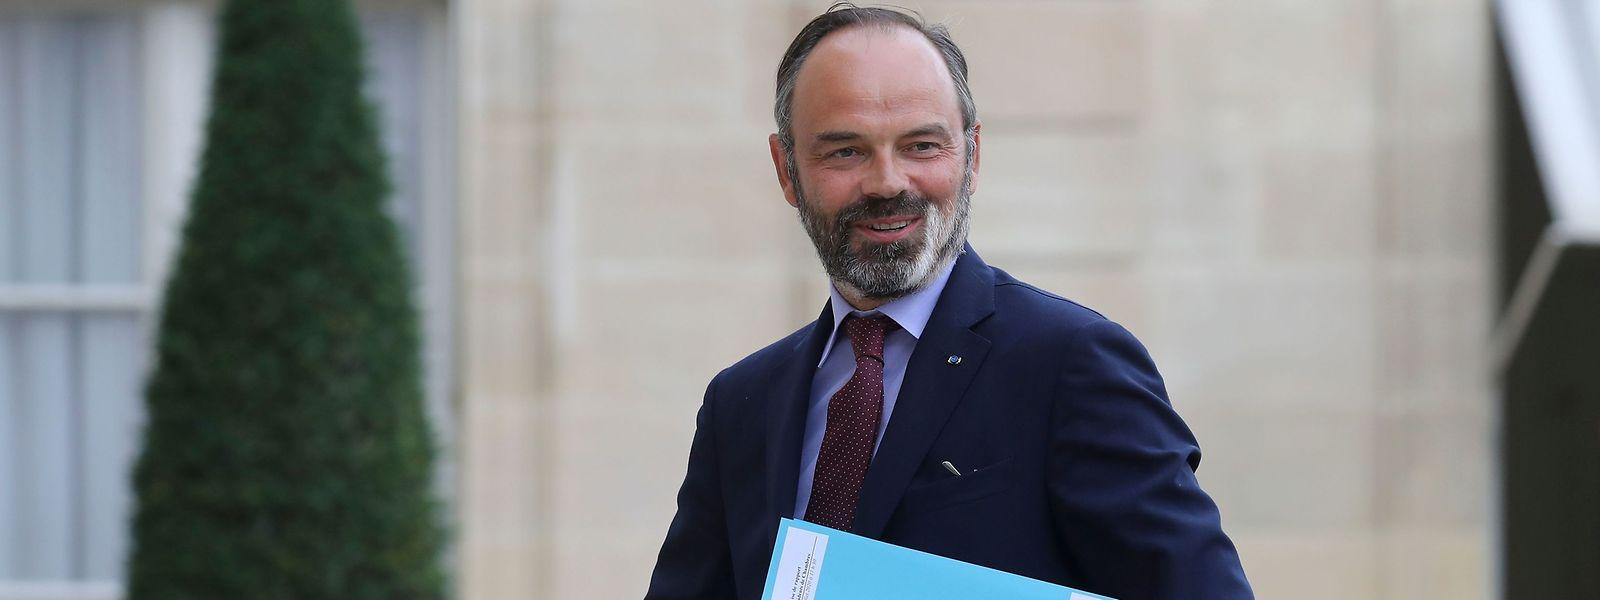 Edouard Philippe a été réélu dimanche au Havre, où il était maire de 2010 à 2017.